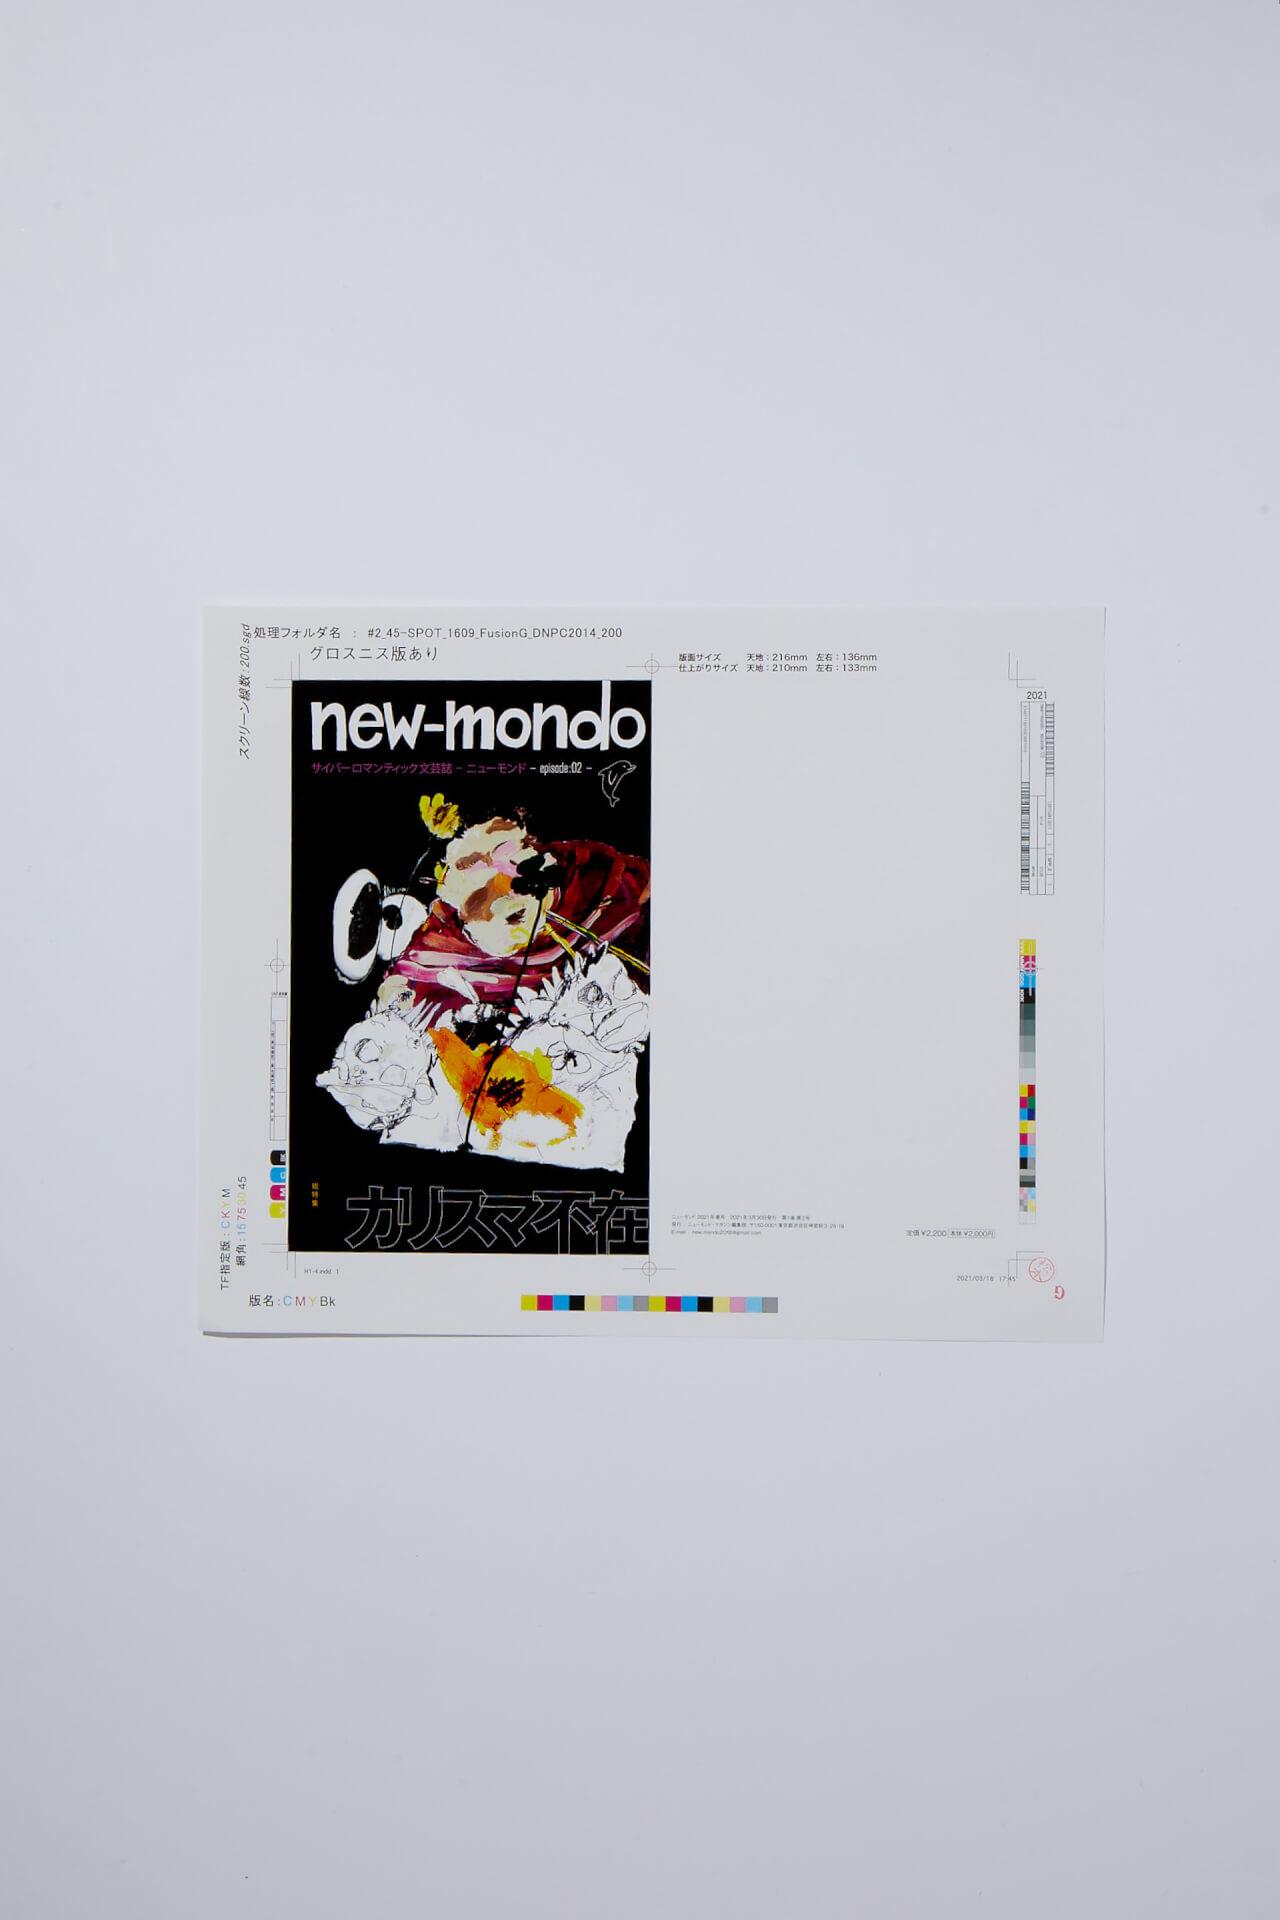 サイバーロマンティック文芸誌『new-mondo magazine』第2号が発売中!カワグチジン、黒柳勝喜、下津光史らが参加 art210511_new-mondo-210511_10